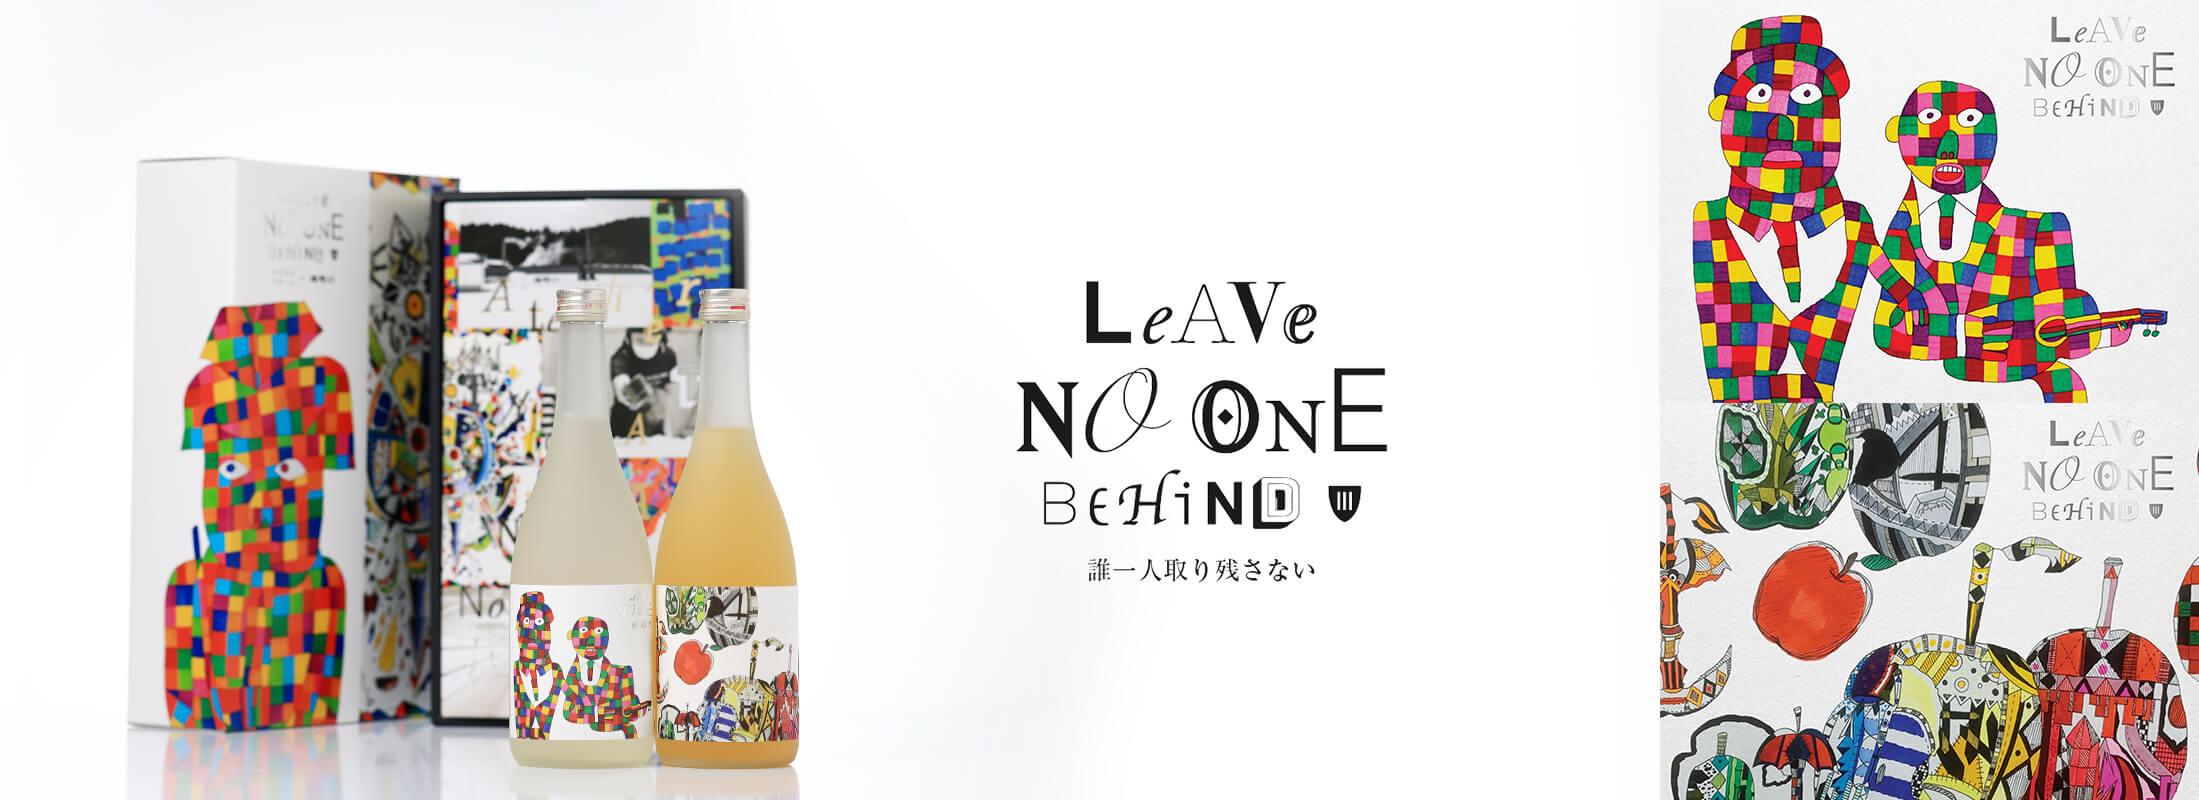 楯野川 Leave No One Behind オリジナルBOX